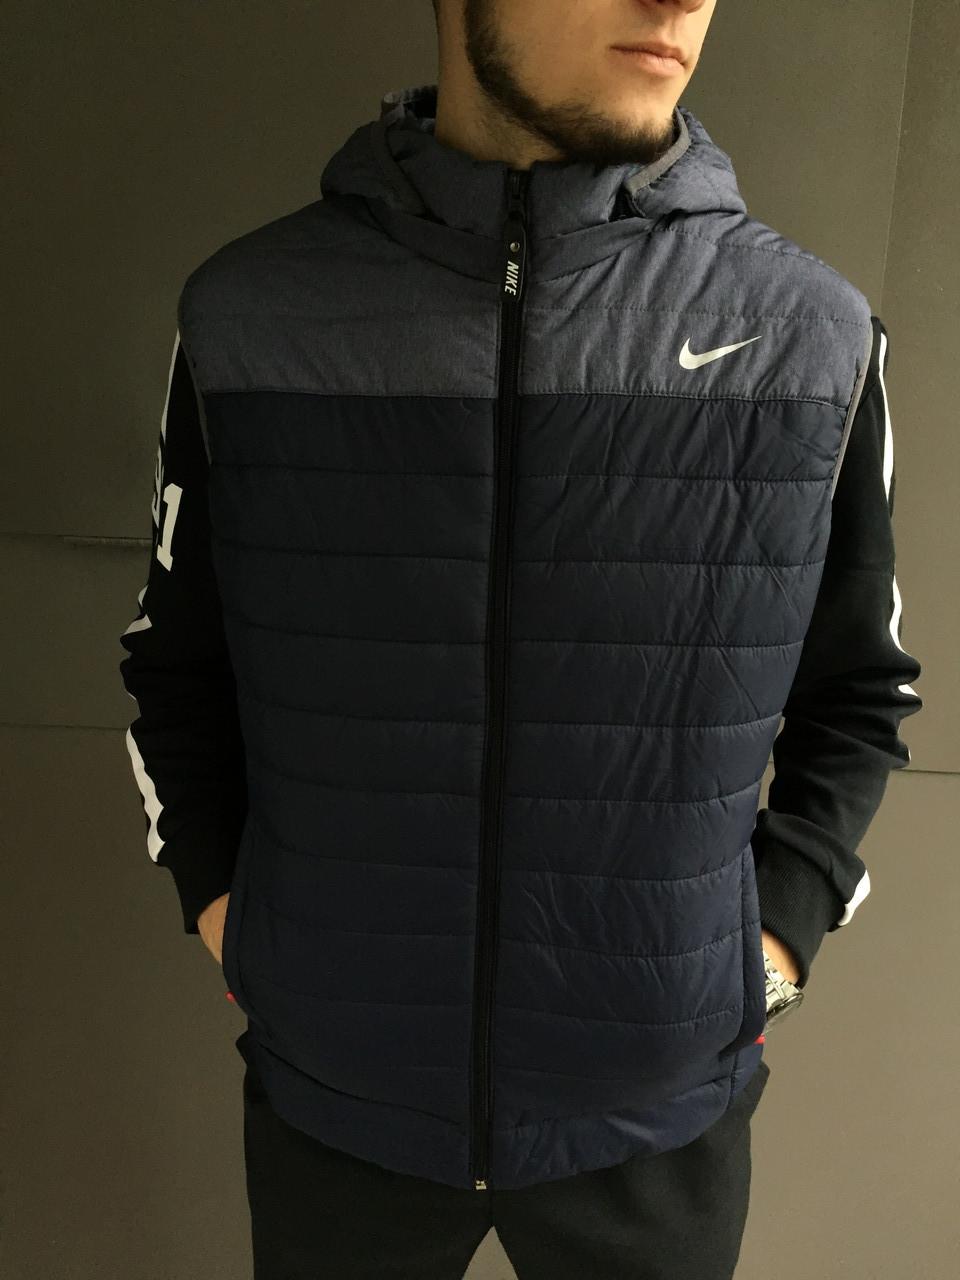 Жилет мужской Nike. Плащевка